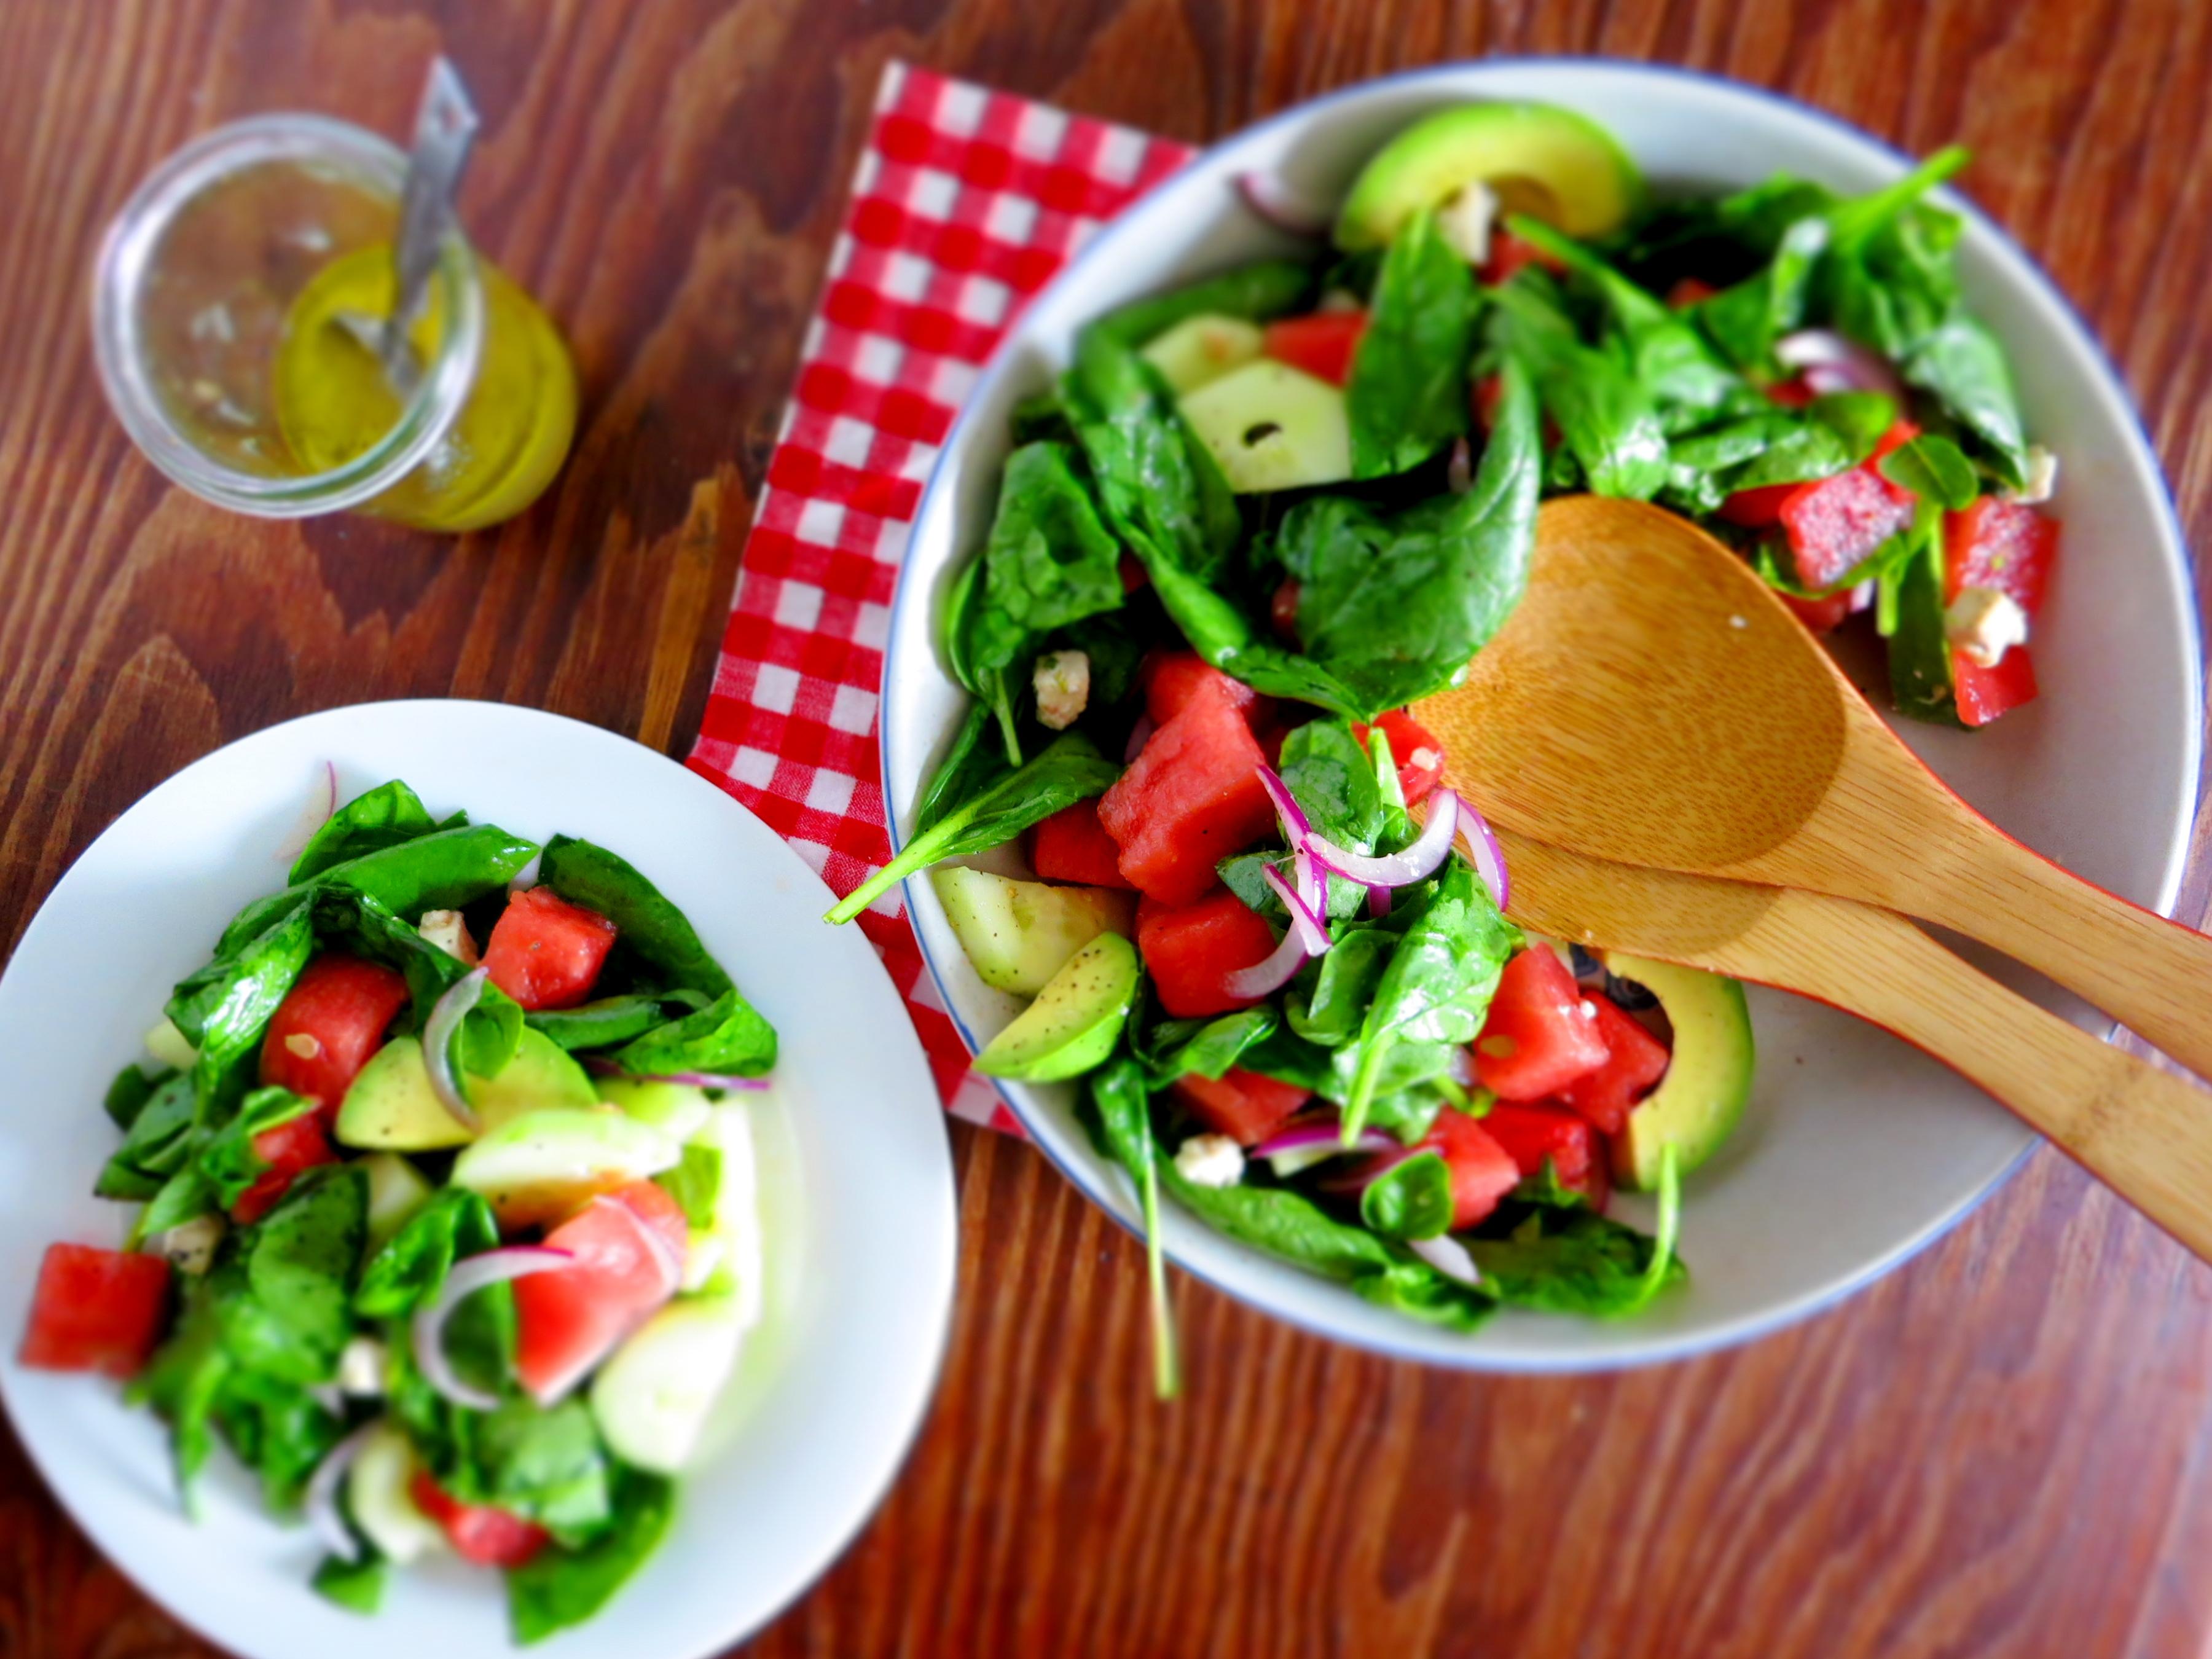 Egyptian Watermelon Kody bet at home zakłady darmowe kody Salad